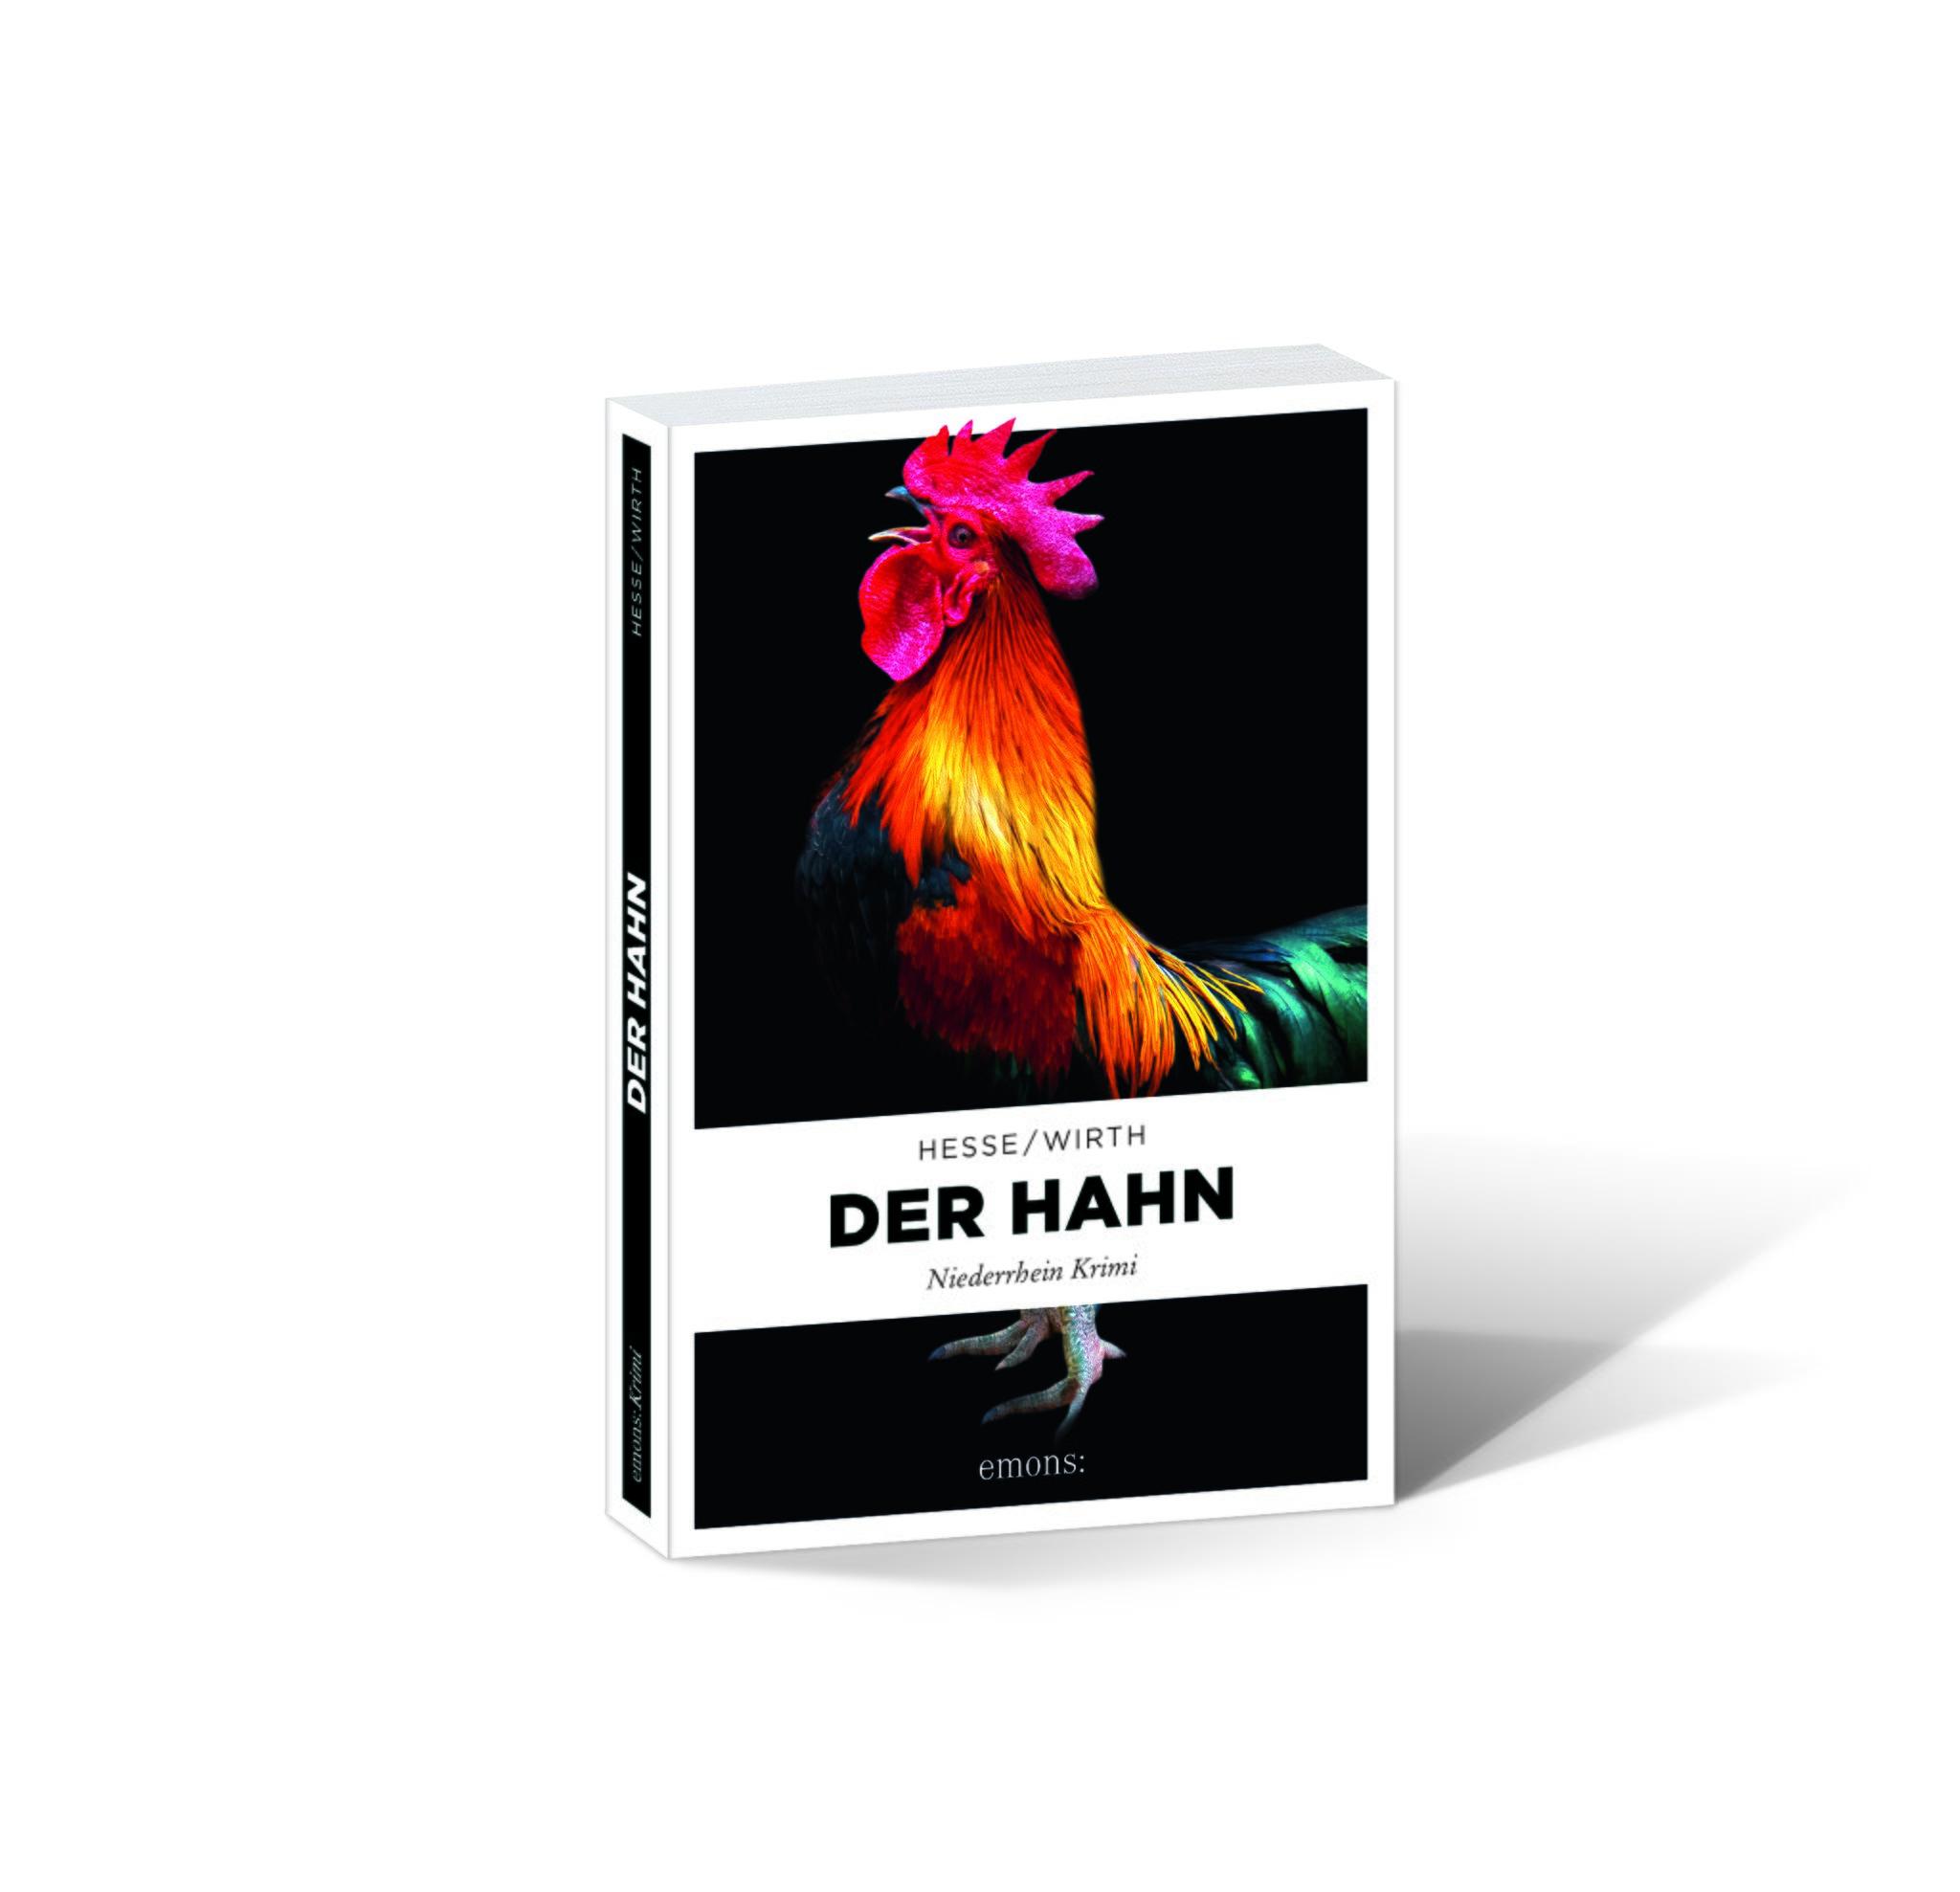 GroГџe schwarze Hahn-Bildergalerie